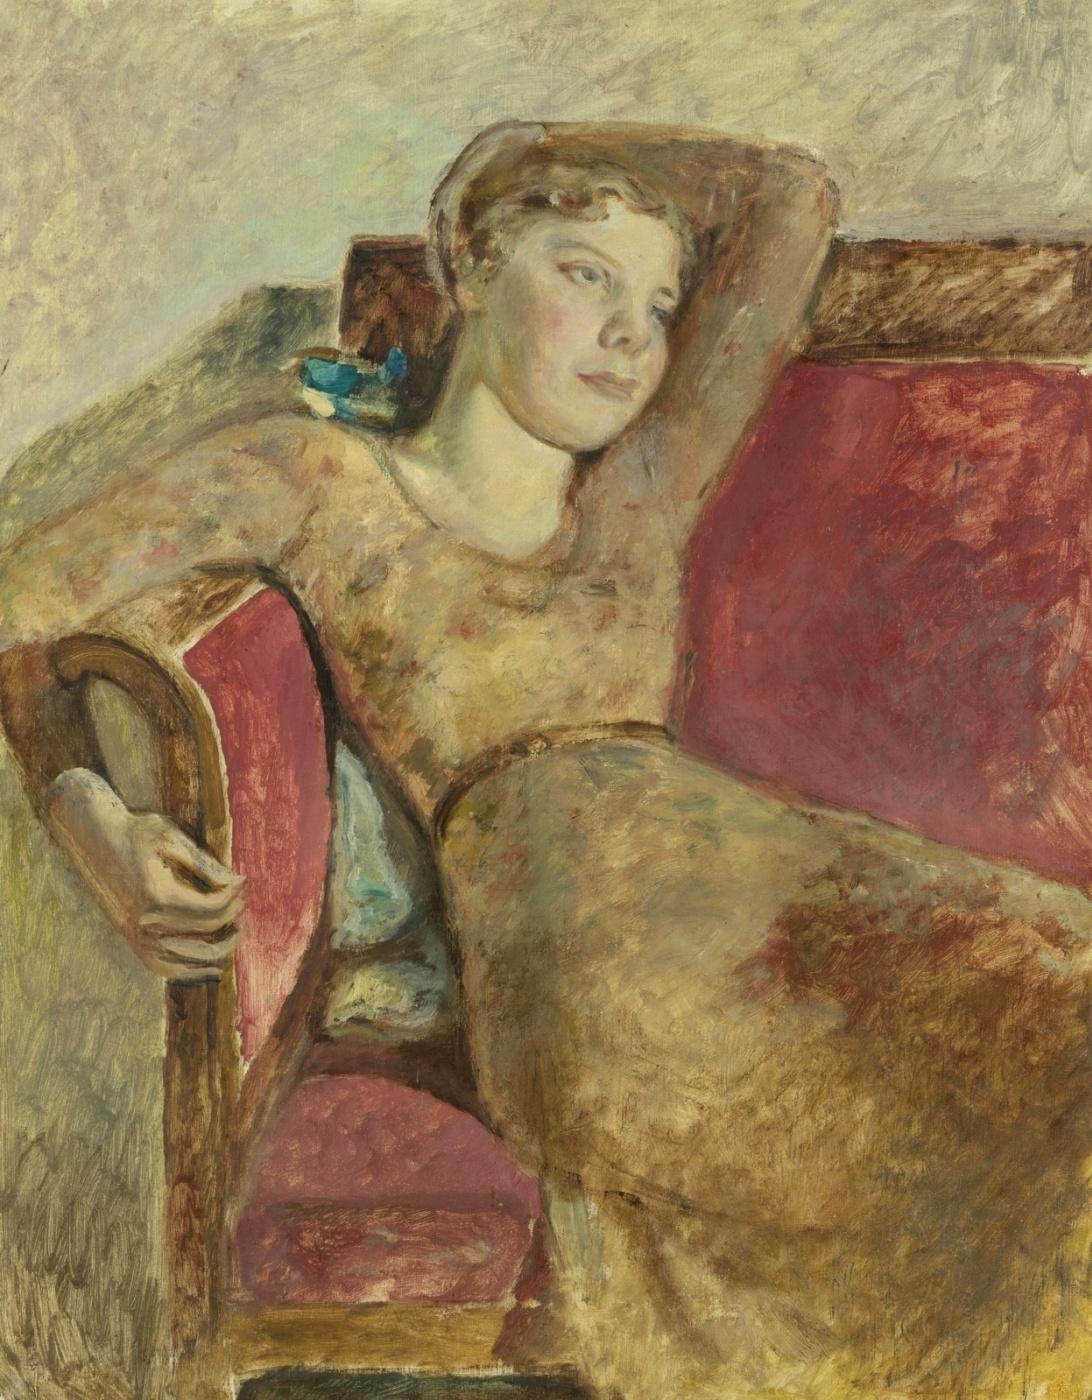 Balthus (Balthasar Klossovsky de Rola). Seated Girl (Portrait of Antoinette)